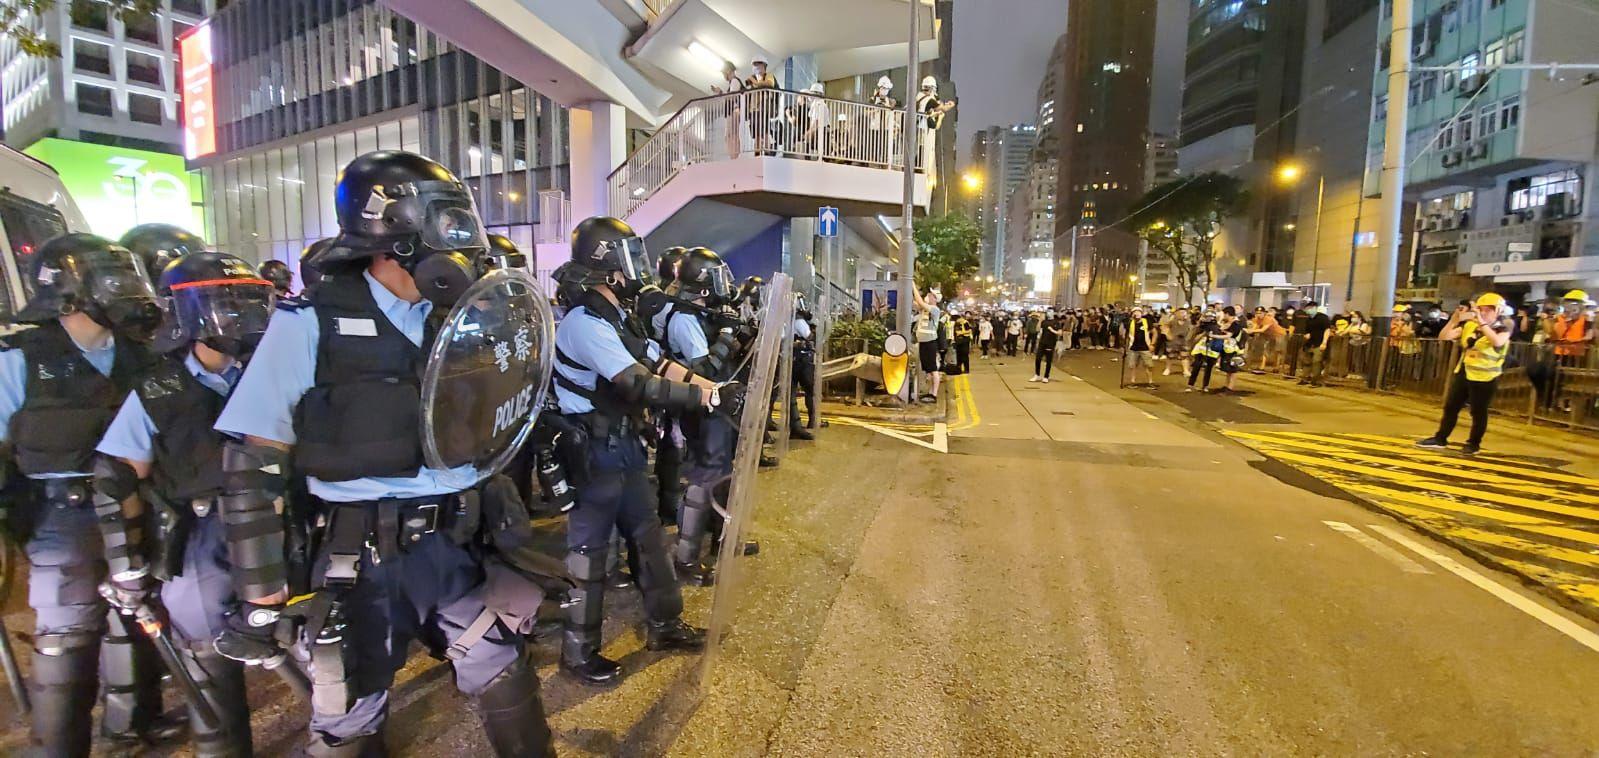 【逃犯條例】防暴警察金鐘道放催淚彈 示威者折返重佔馬路